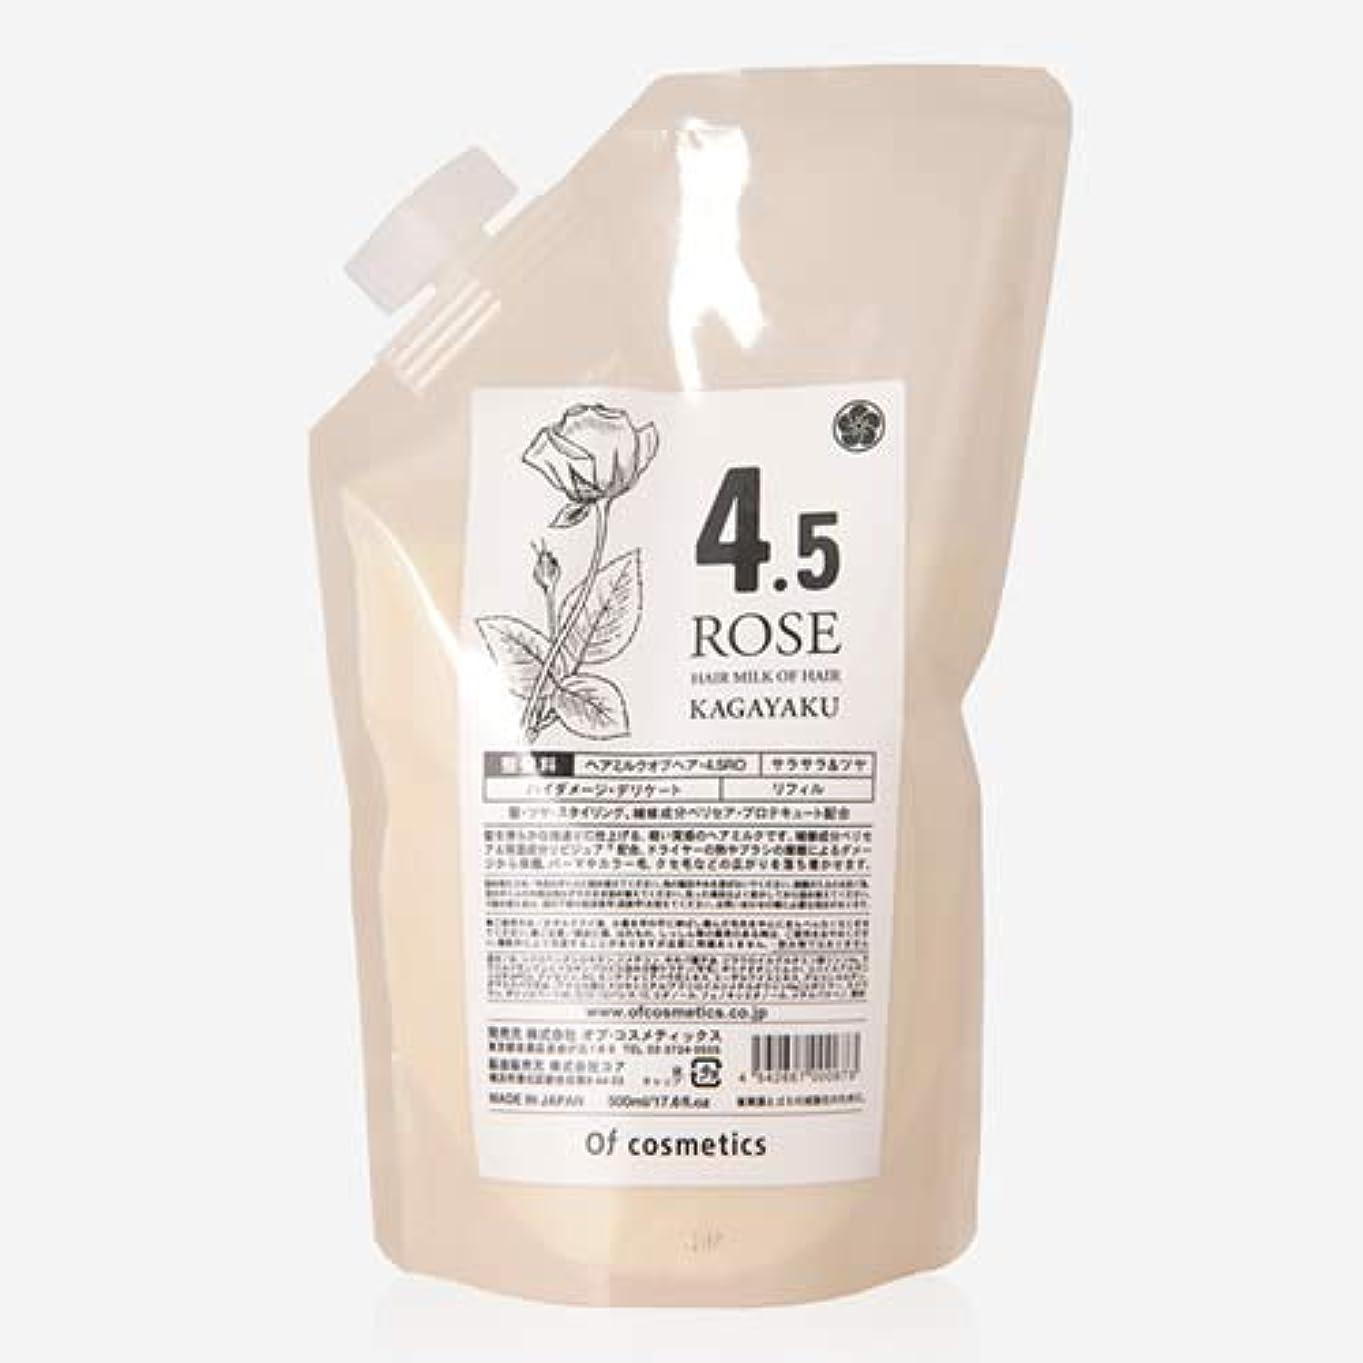 ネックレットマキシム想像力オブ?コスメティックス ヘアミルクオブヘア?4.5 RO エコサイズ (ローズの香り) 500ml リフィル 業務用